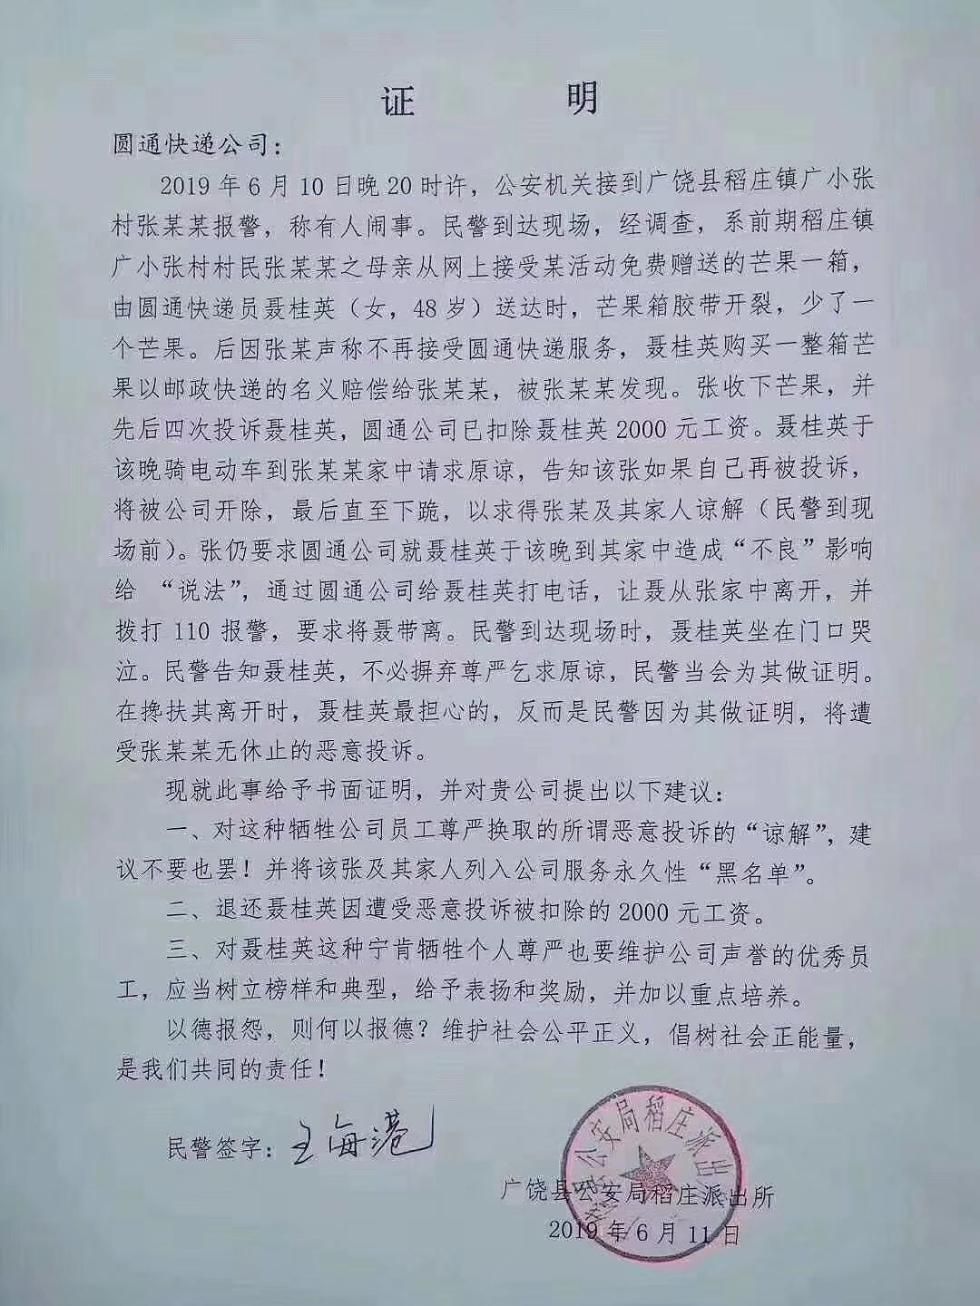 女快递员遭恶意投诉下跪 民警:不必摒弃尊严求原谅